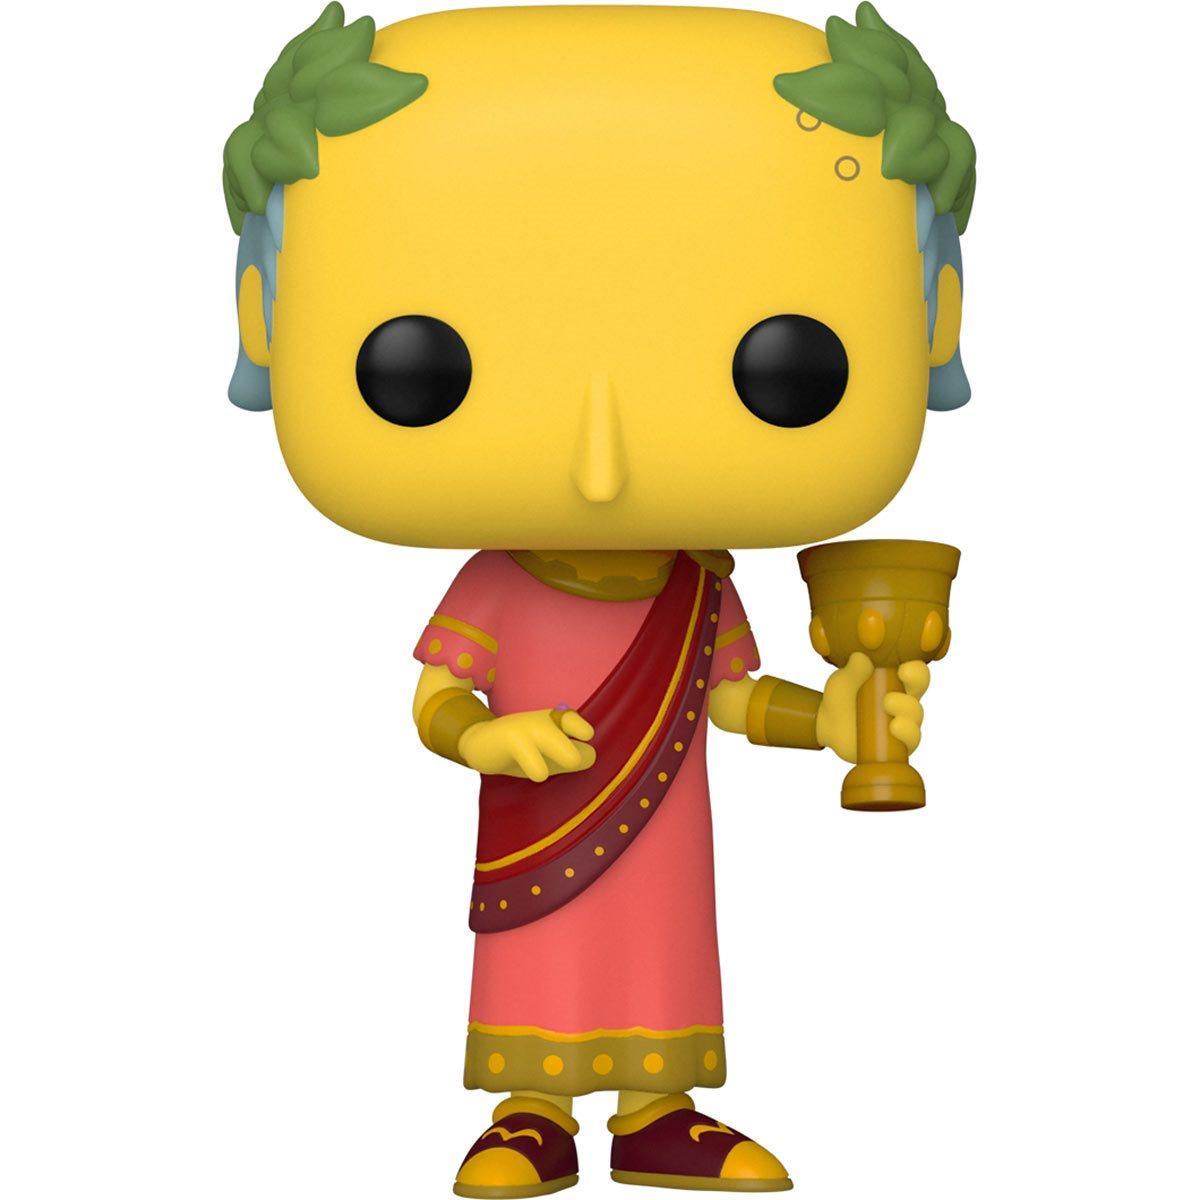 PRÉ VENDA: Funko Pop! Emperor Montinus: Os Simpsons - Funko